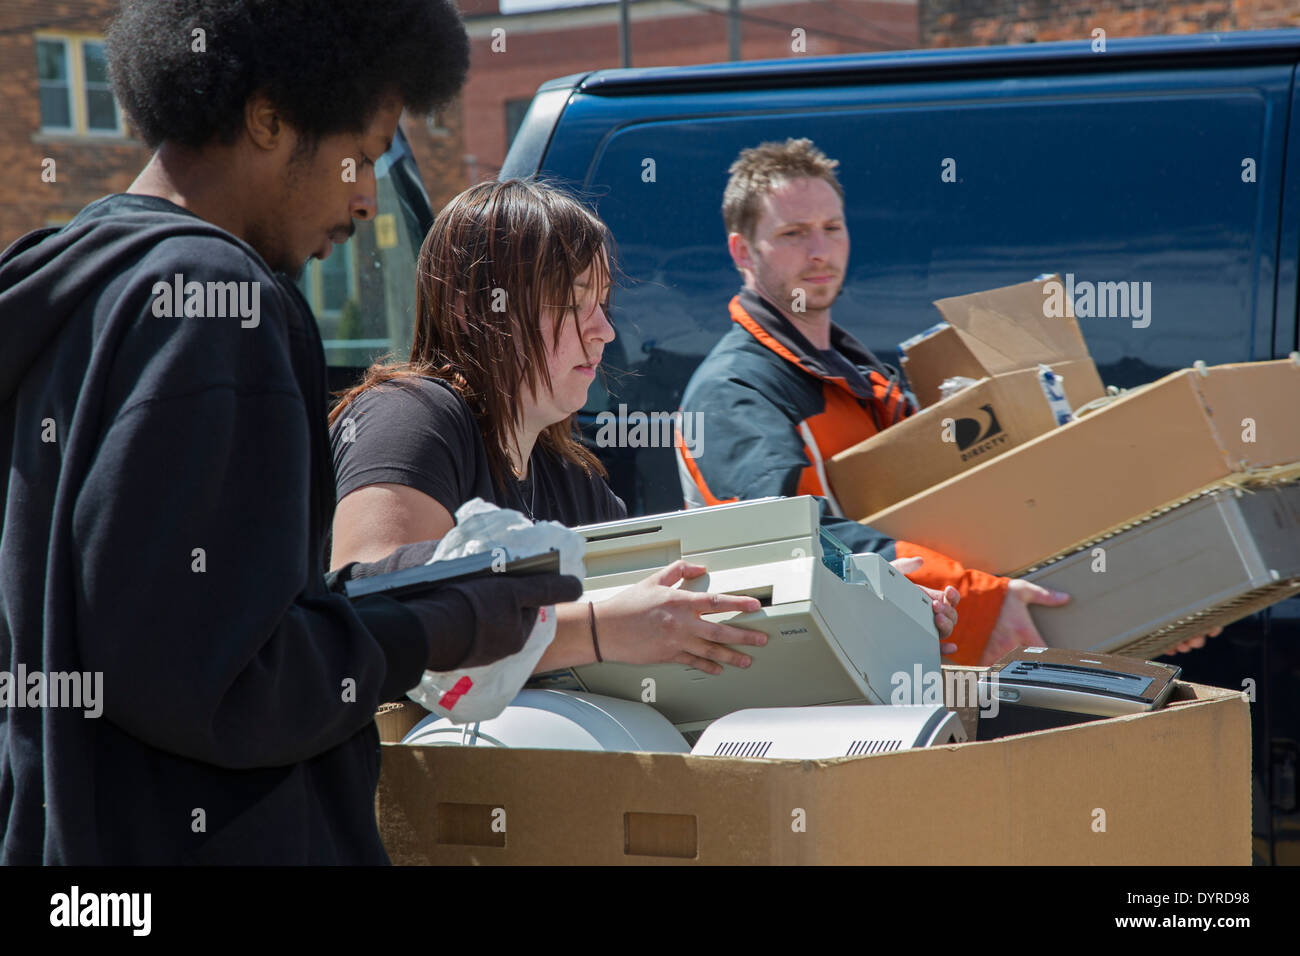 Detroit, Michigan - antiguos y los artículos electrónicos no deseados son recogidos para su reciclaje en la Universidad Estatal de Wayne. Imagen De Stock